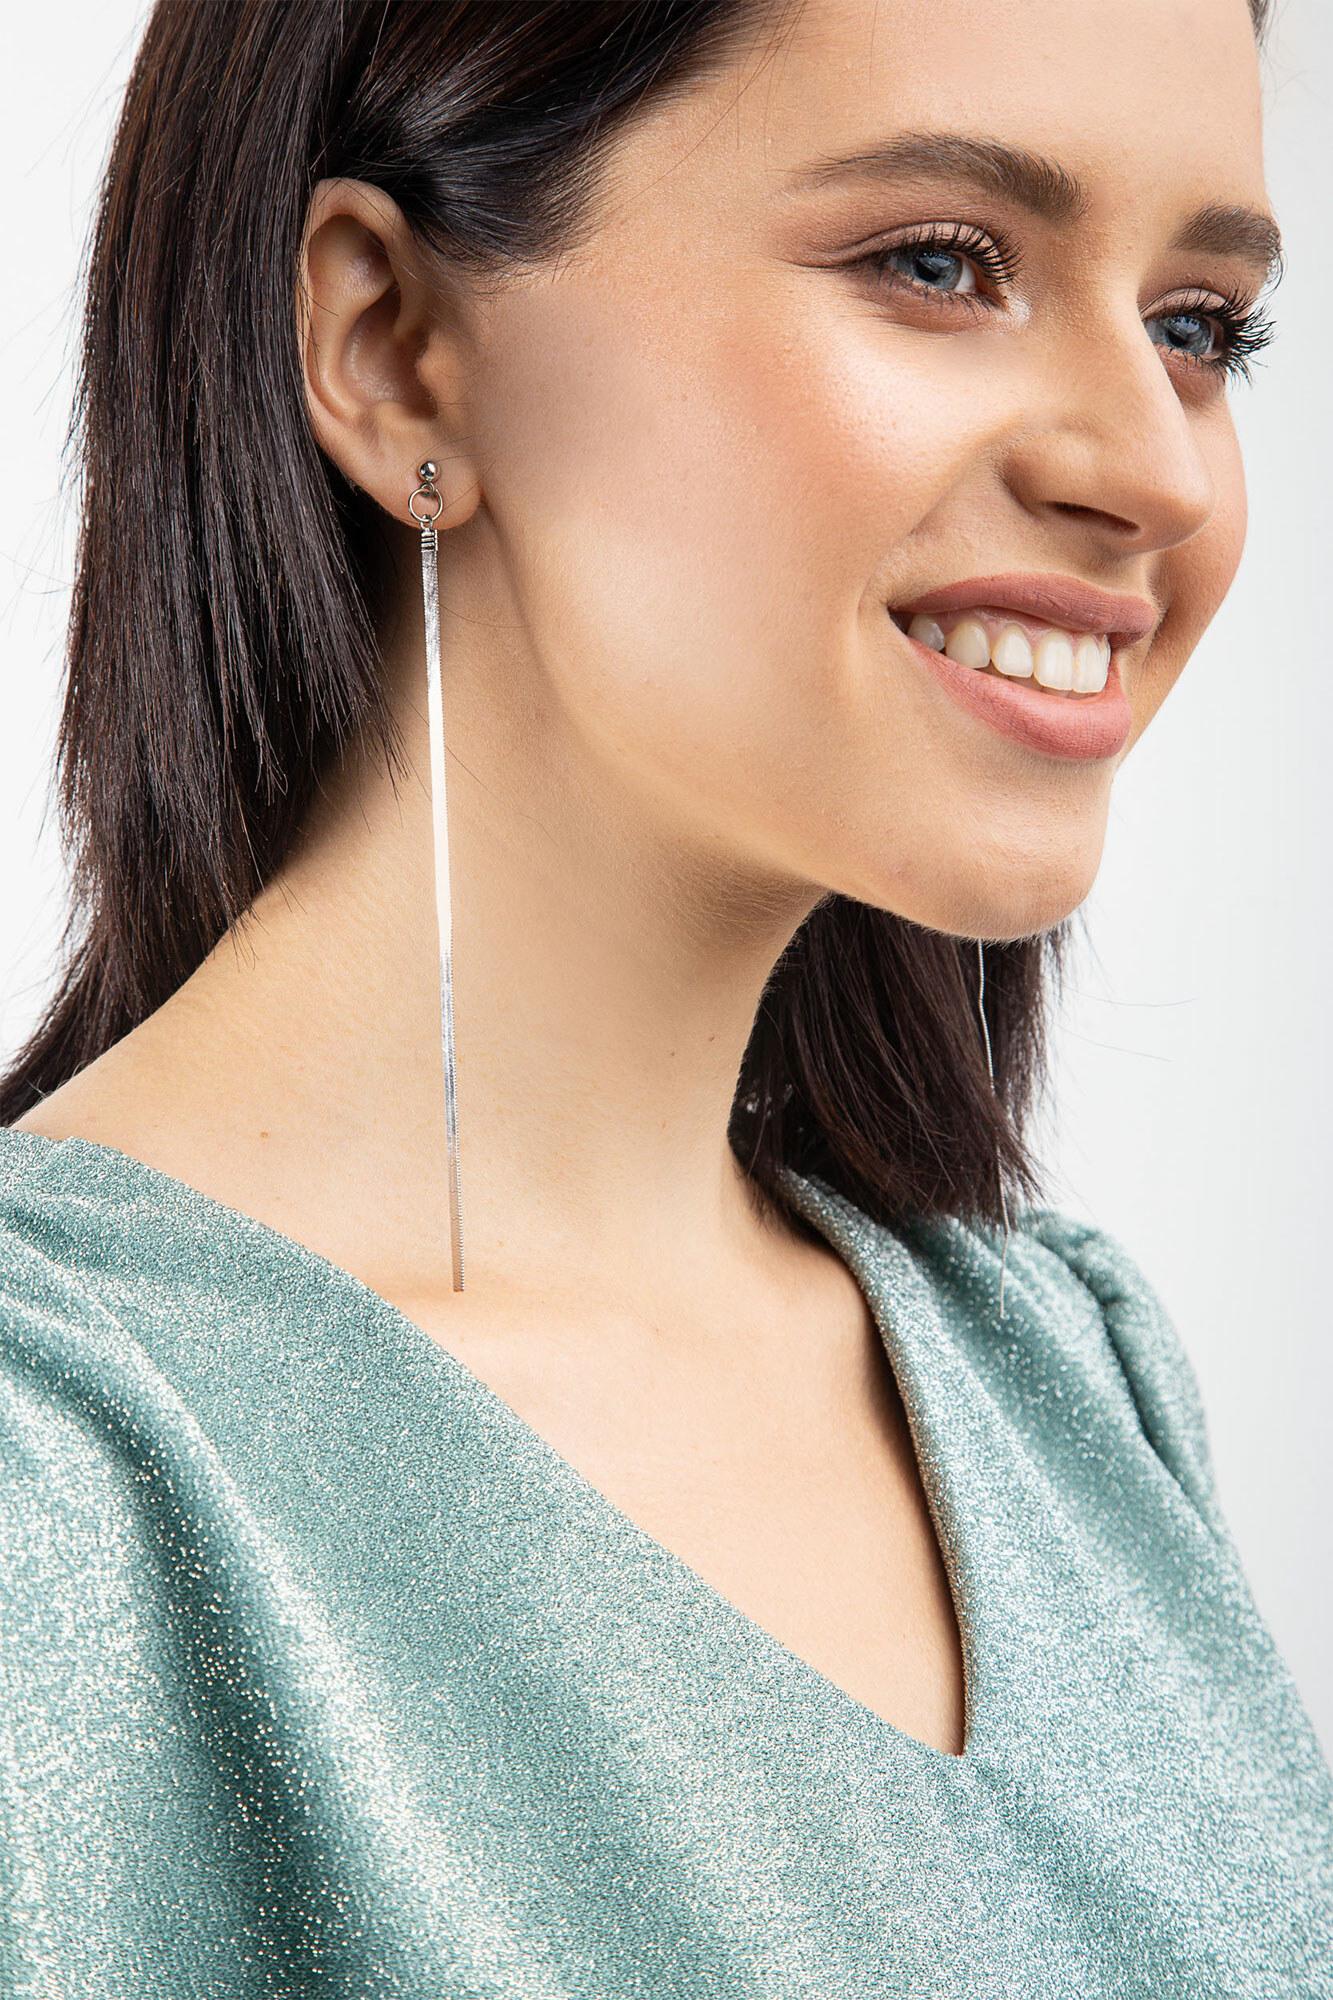 Как визуально сделать шею более длинной